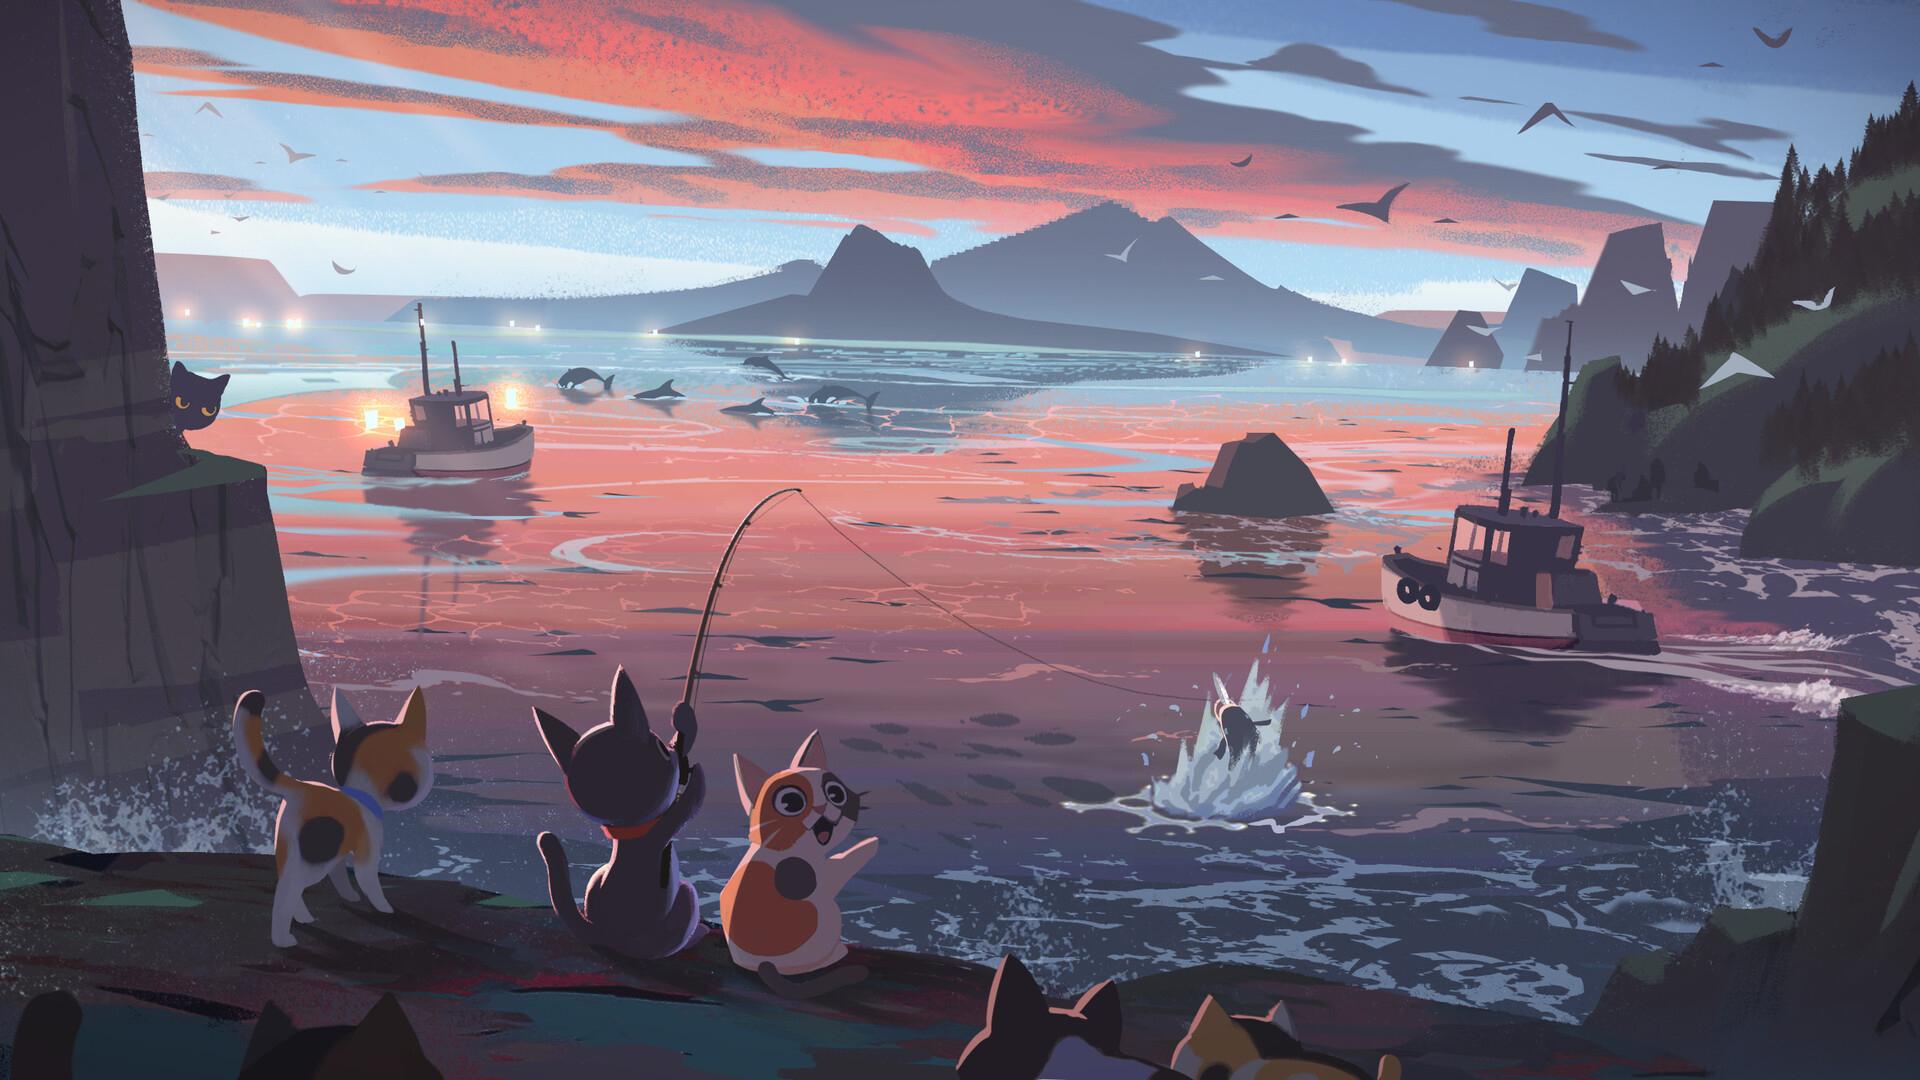 动漫卡通,猫咪钓鱼,海港,黄昏